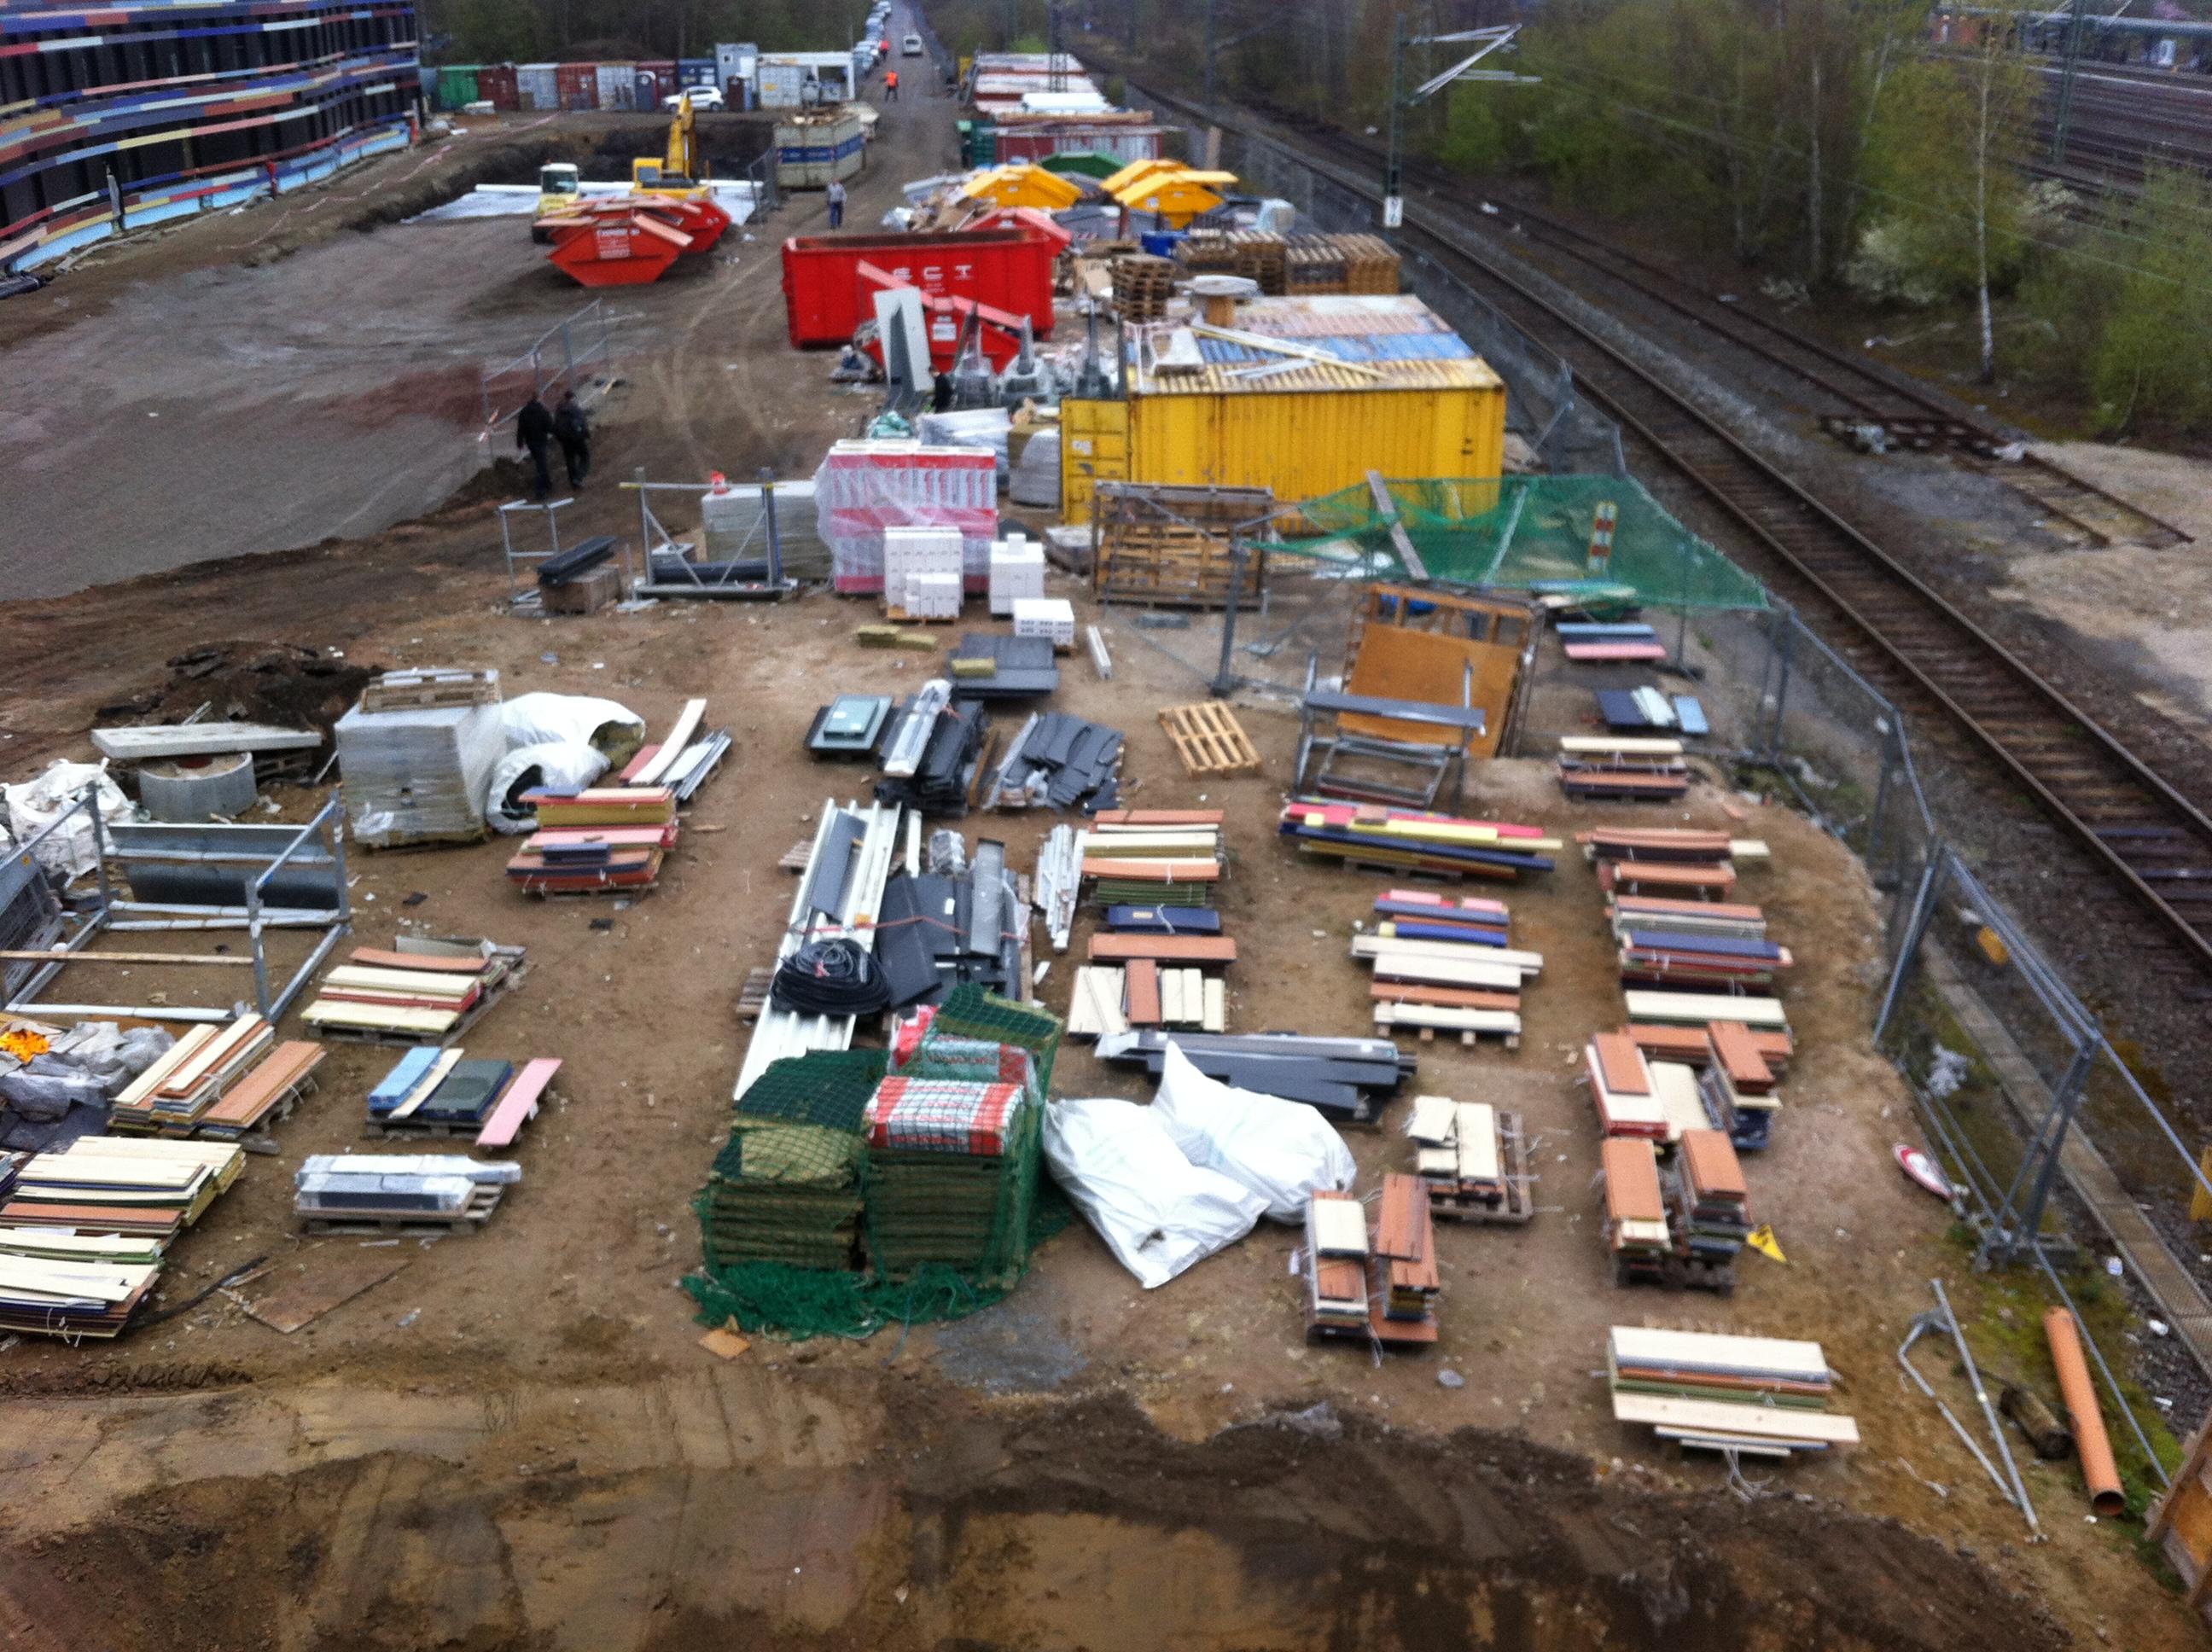 Nächster Halt: Baustelle Wilhelmsburg